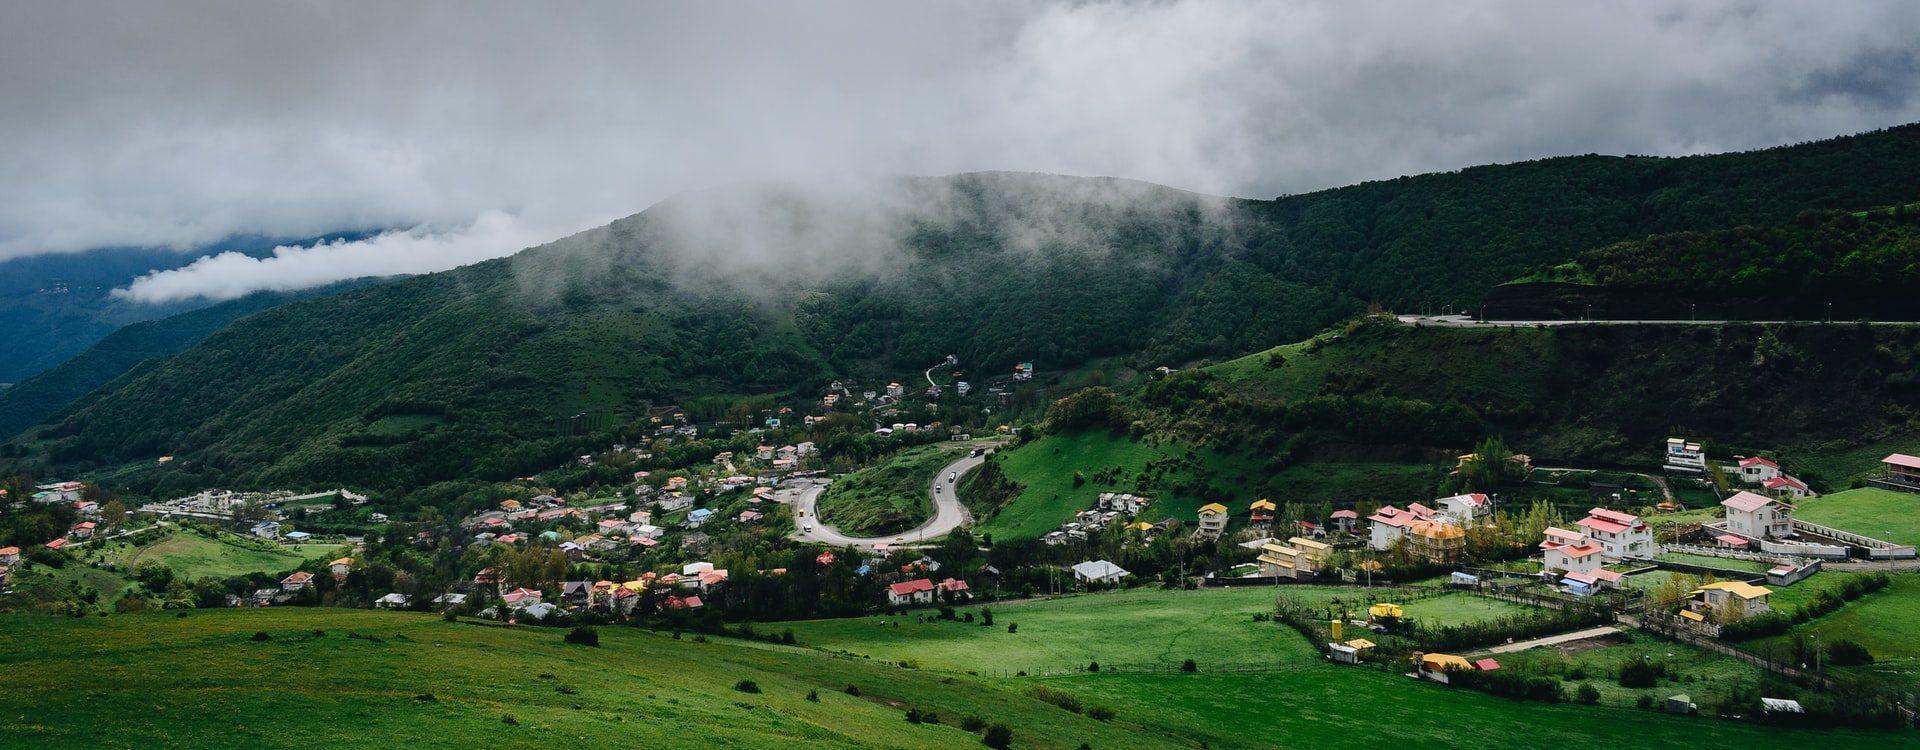 rural-village-iran (2)